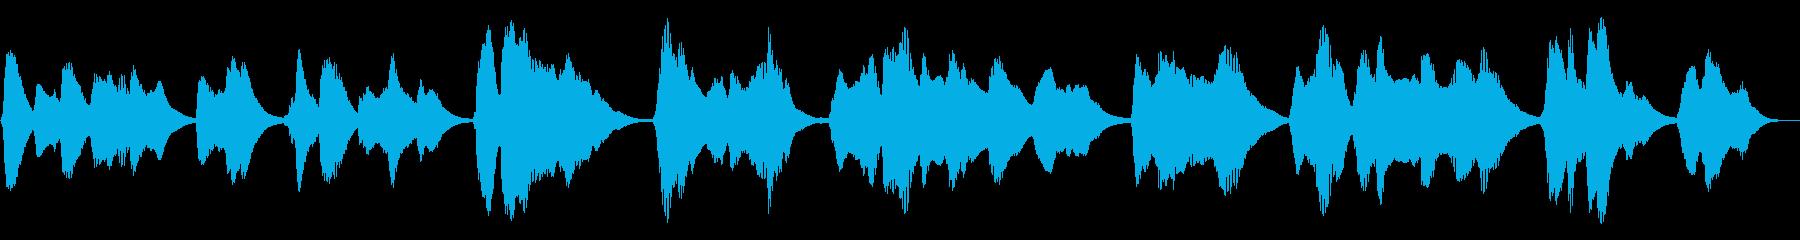 失われた電気音声通信の再生済みの波形